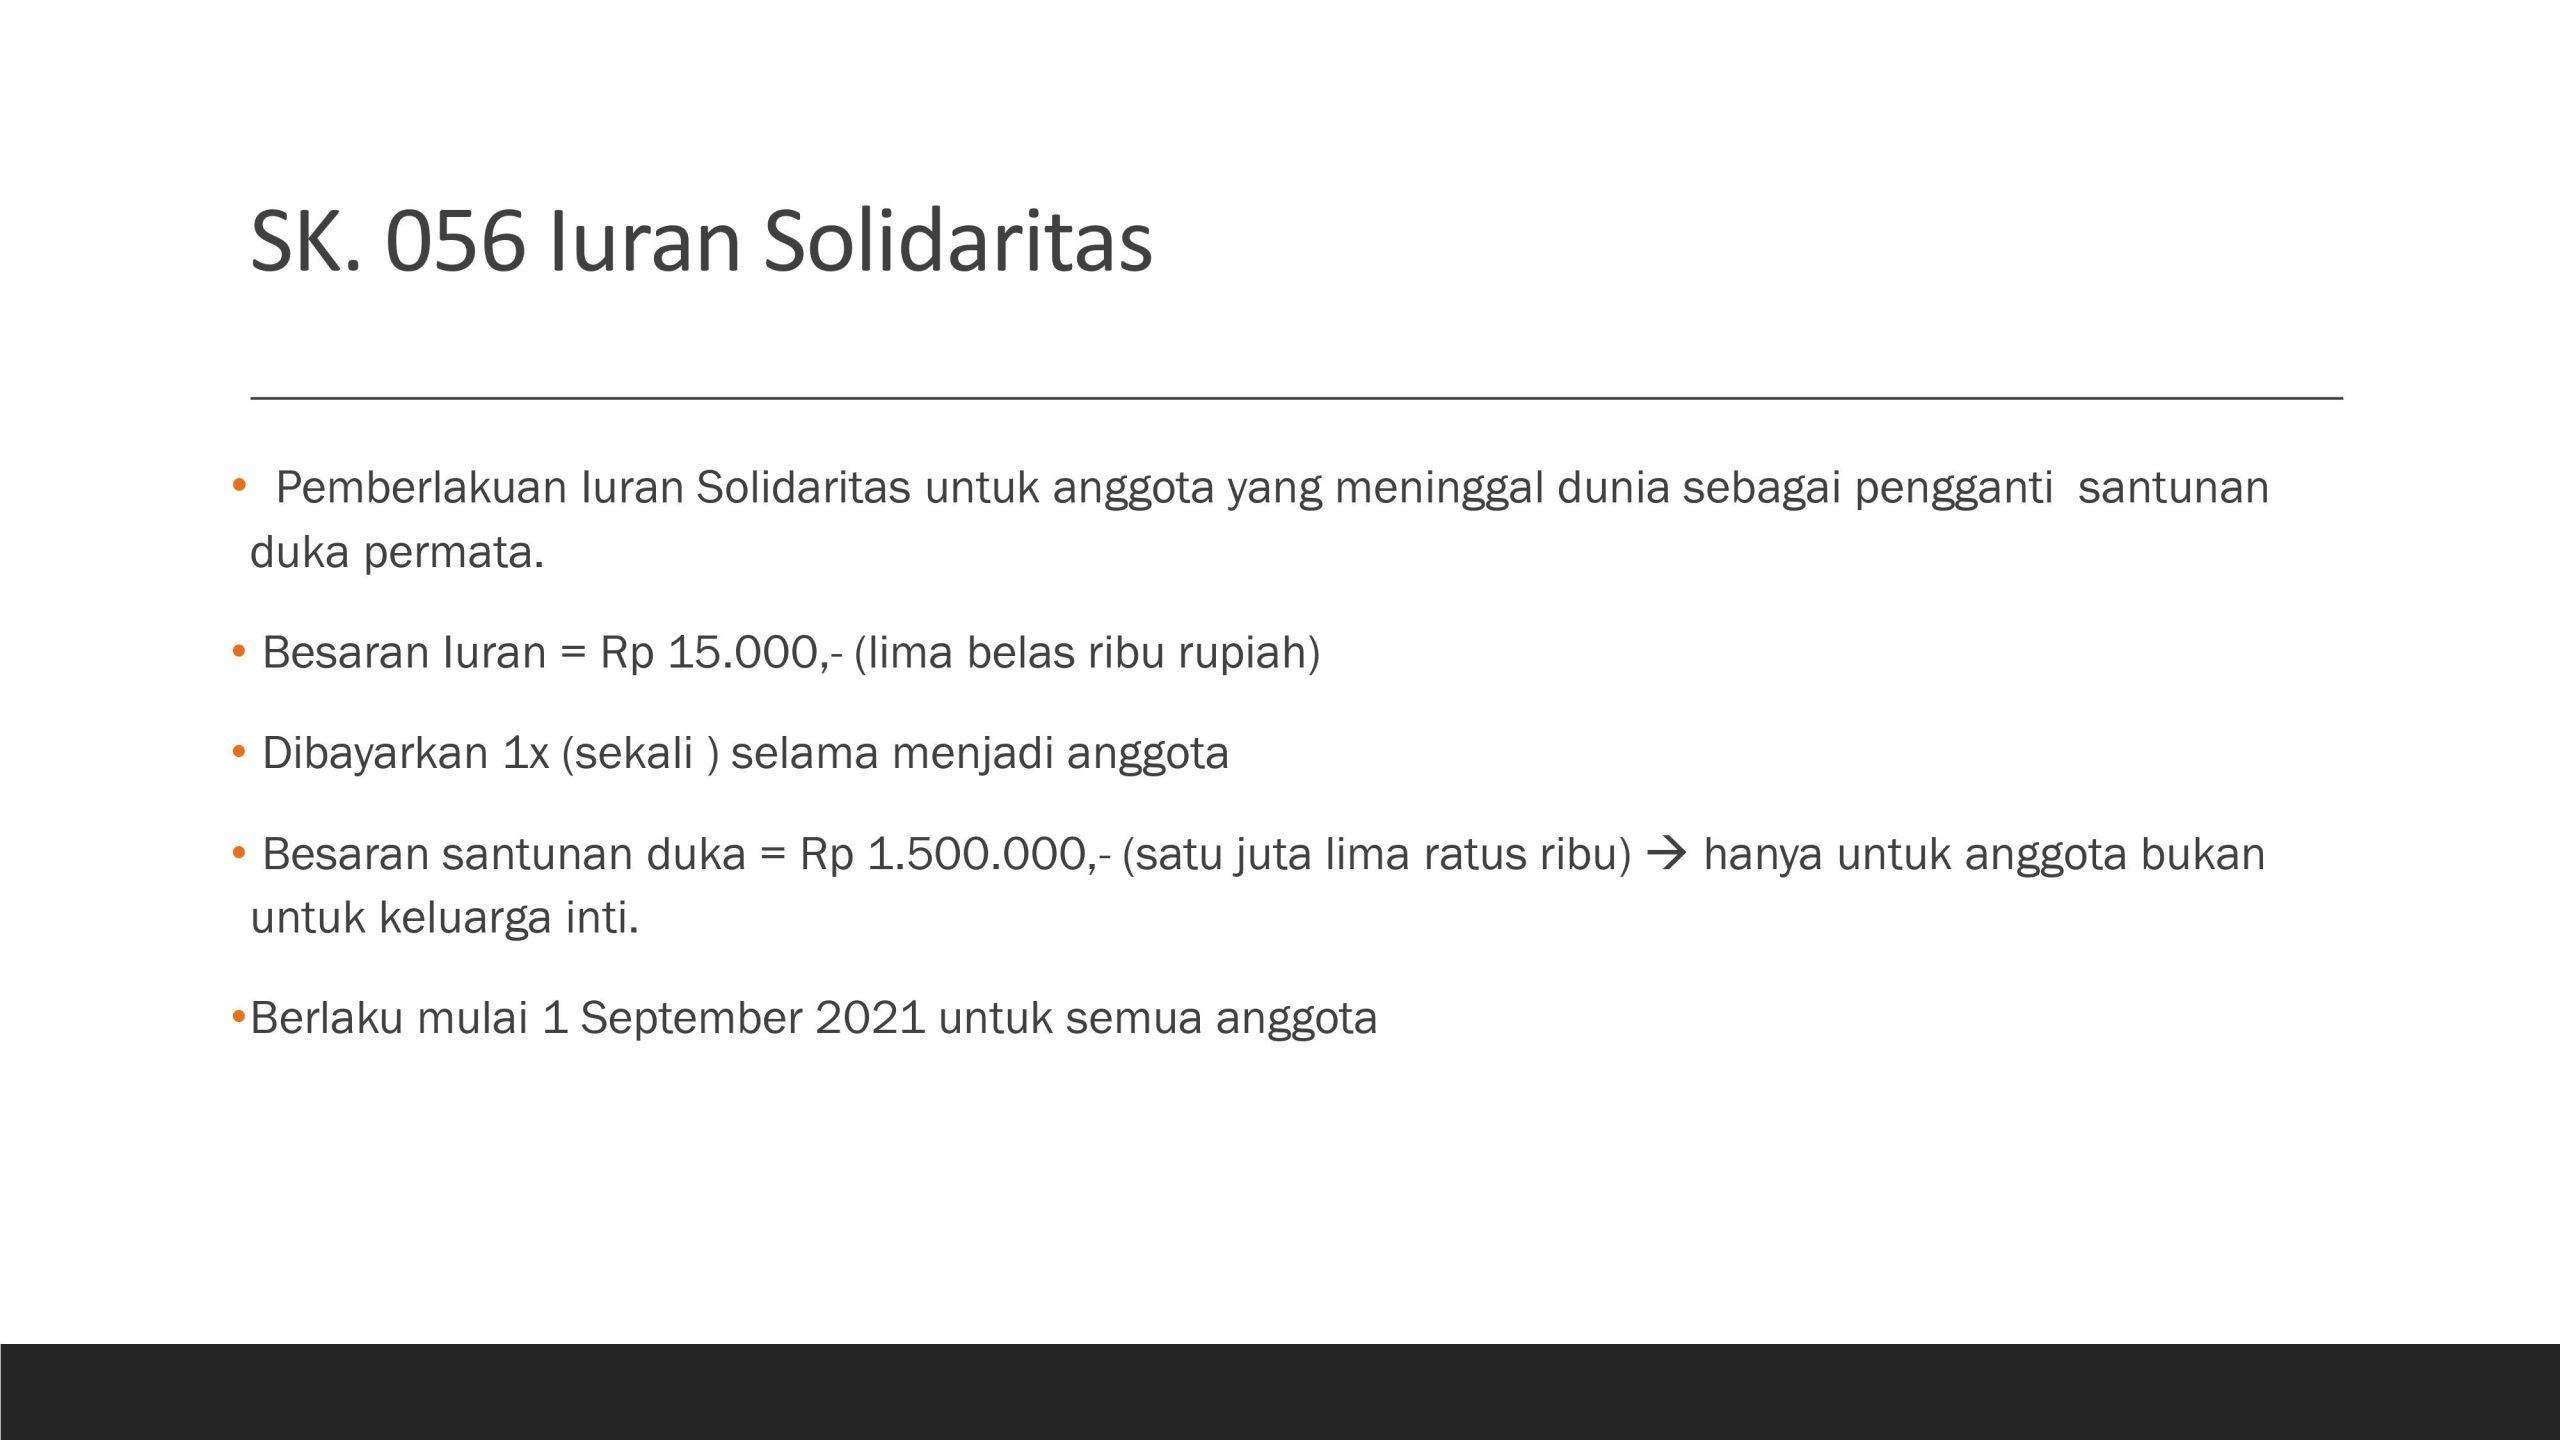 Perhitungan Solidaritas Duka